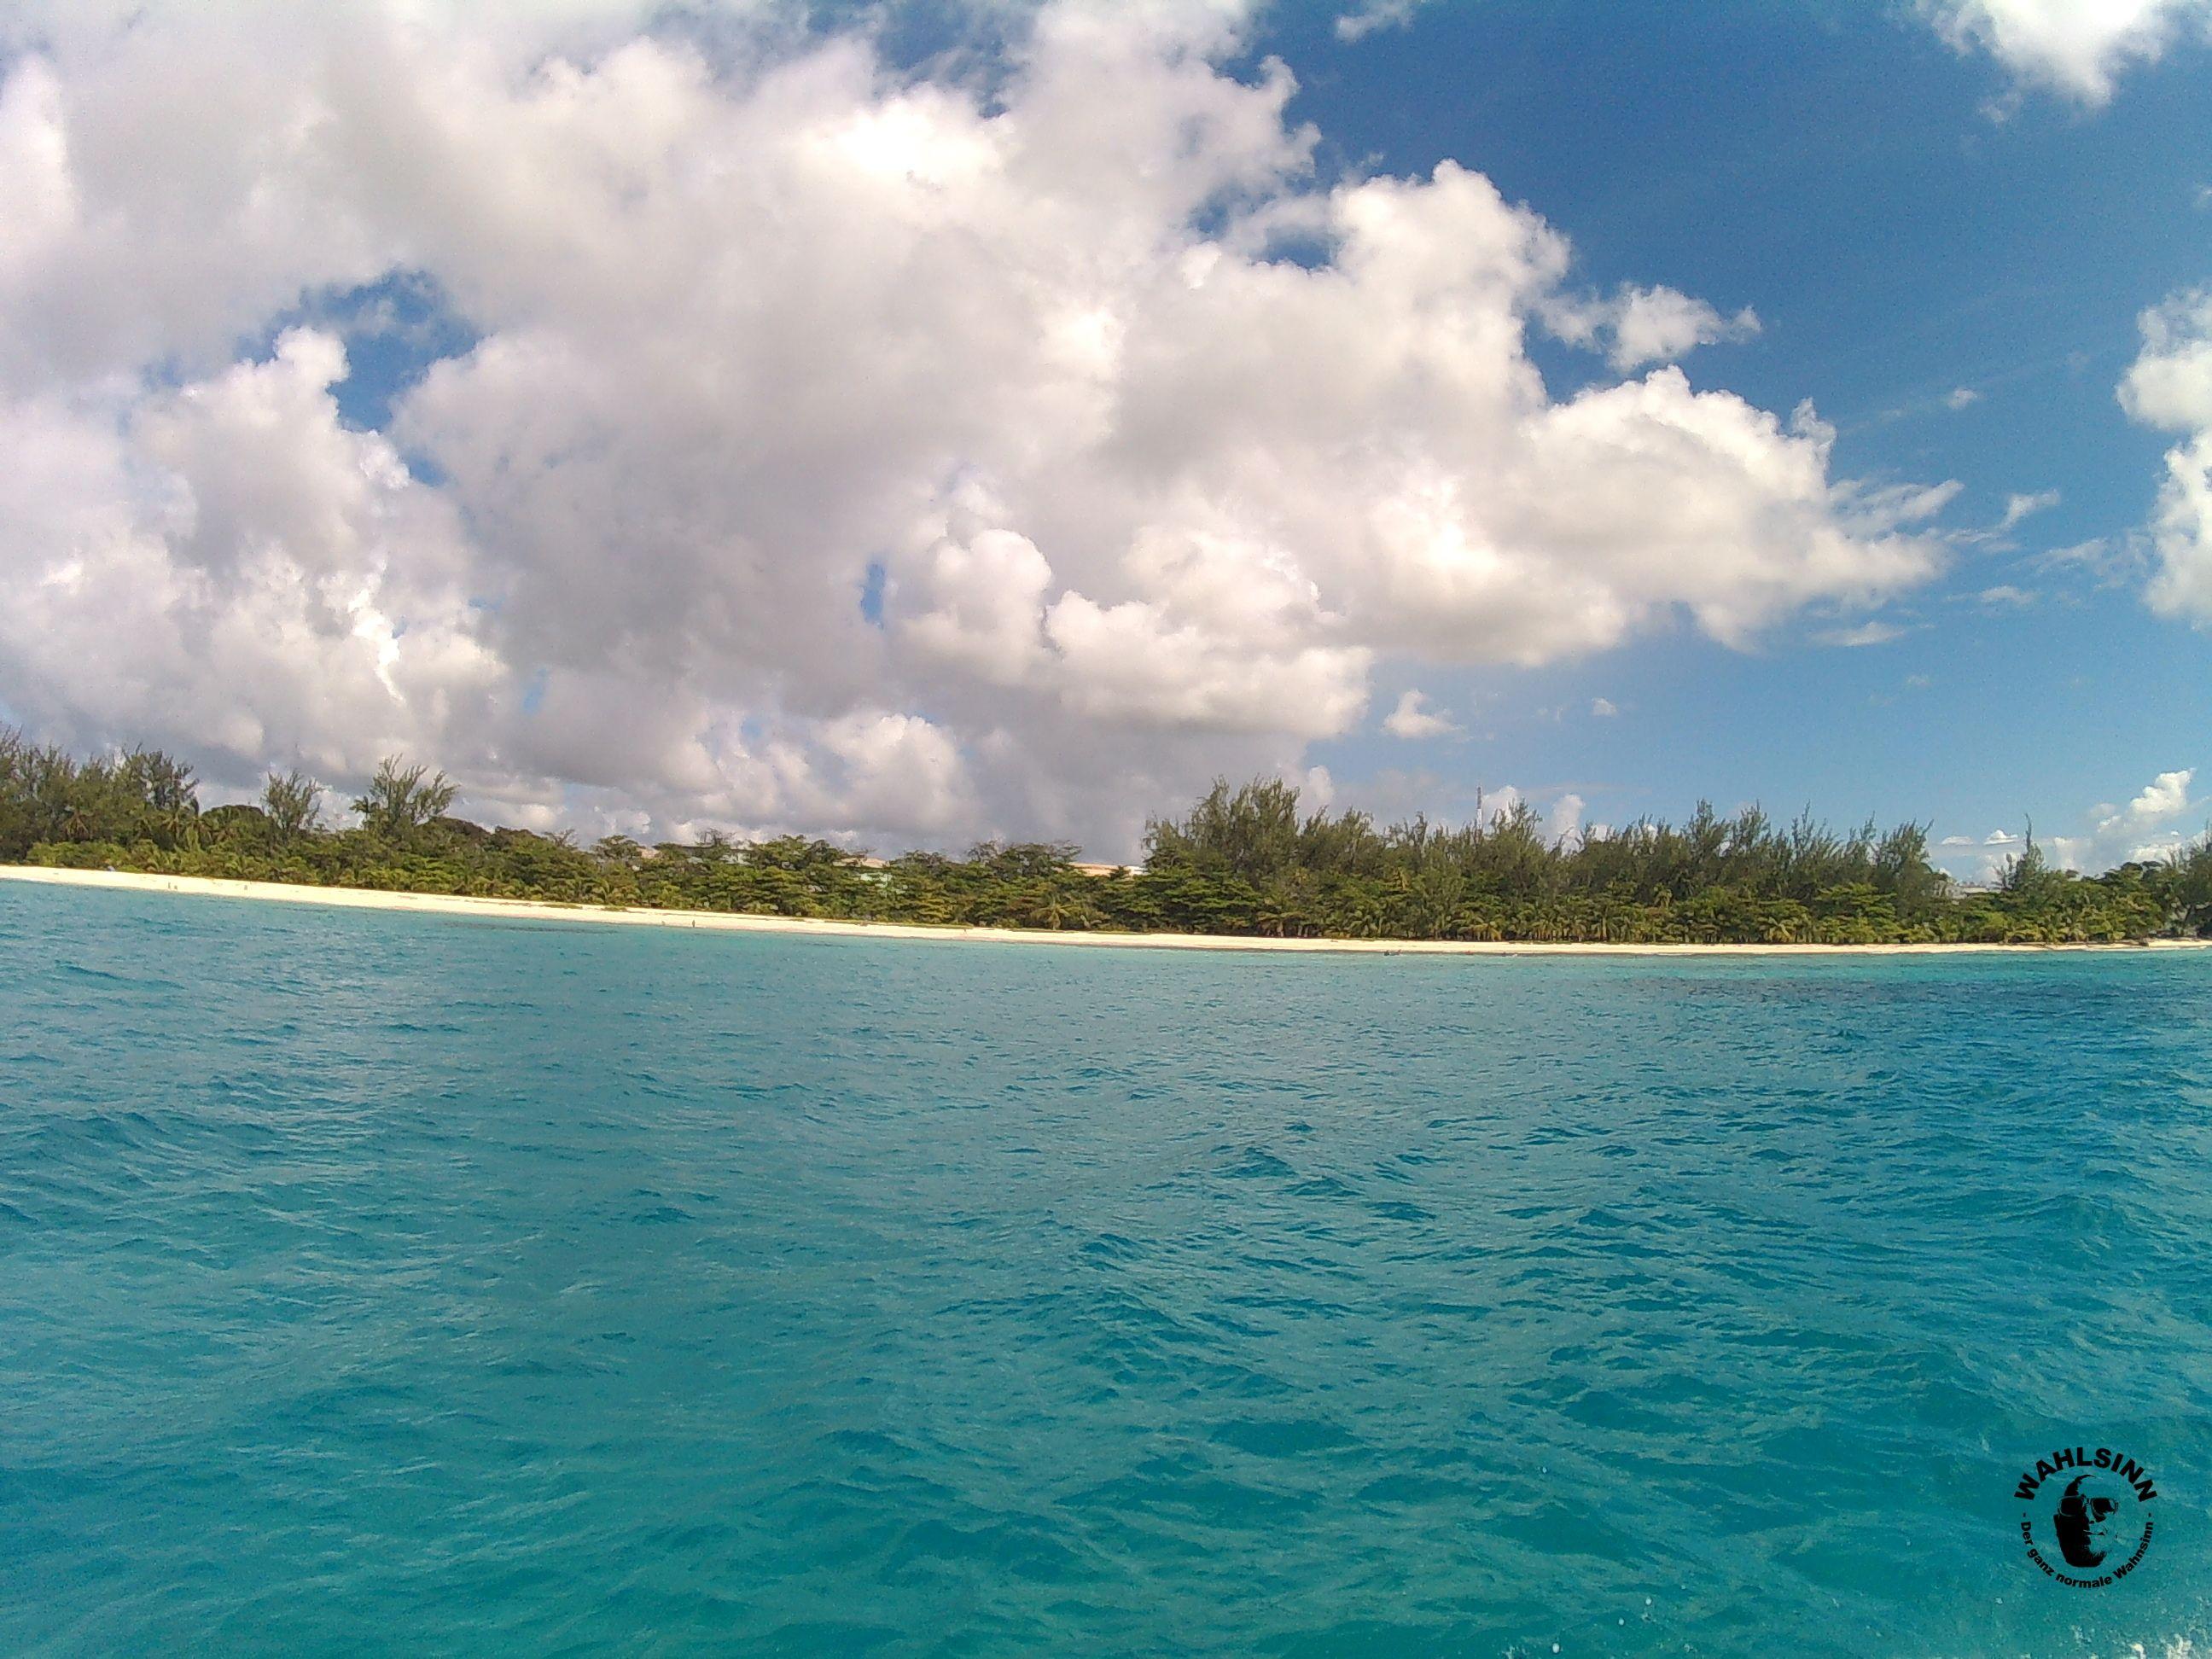 Barbados - Tauchspots direkt vor einer Traumhaften Kulisse wie dieser! Läuft...oder Taucht was!